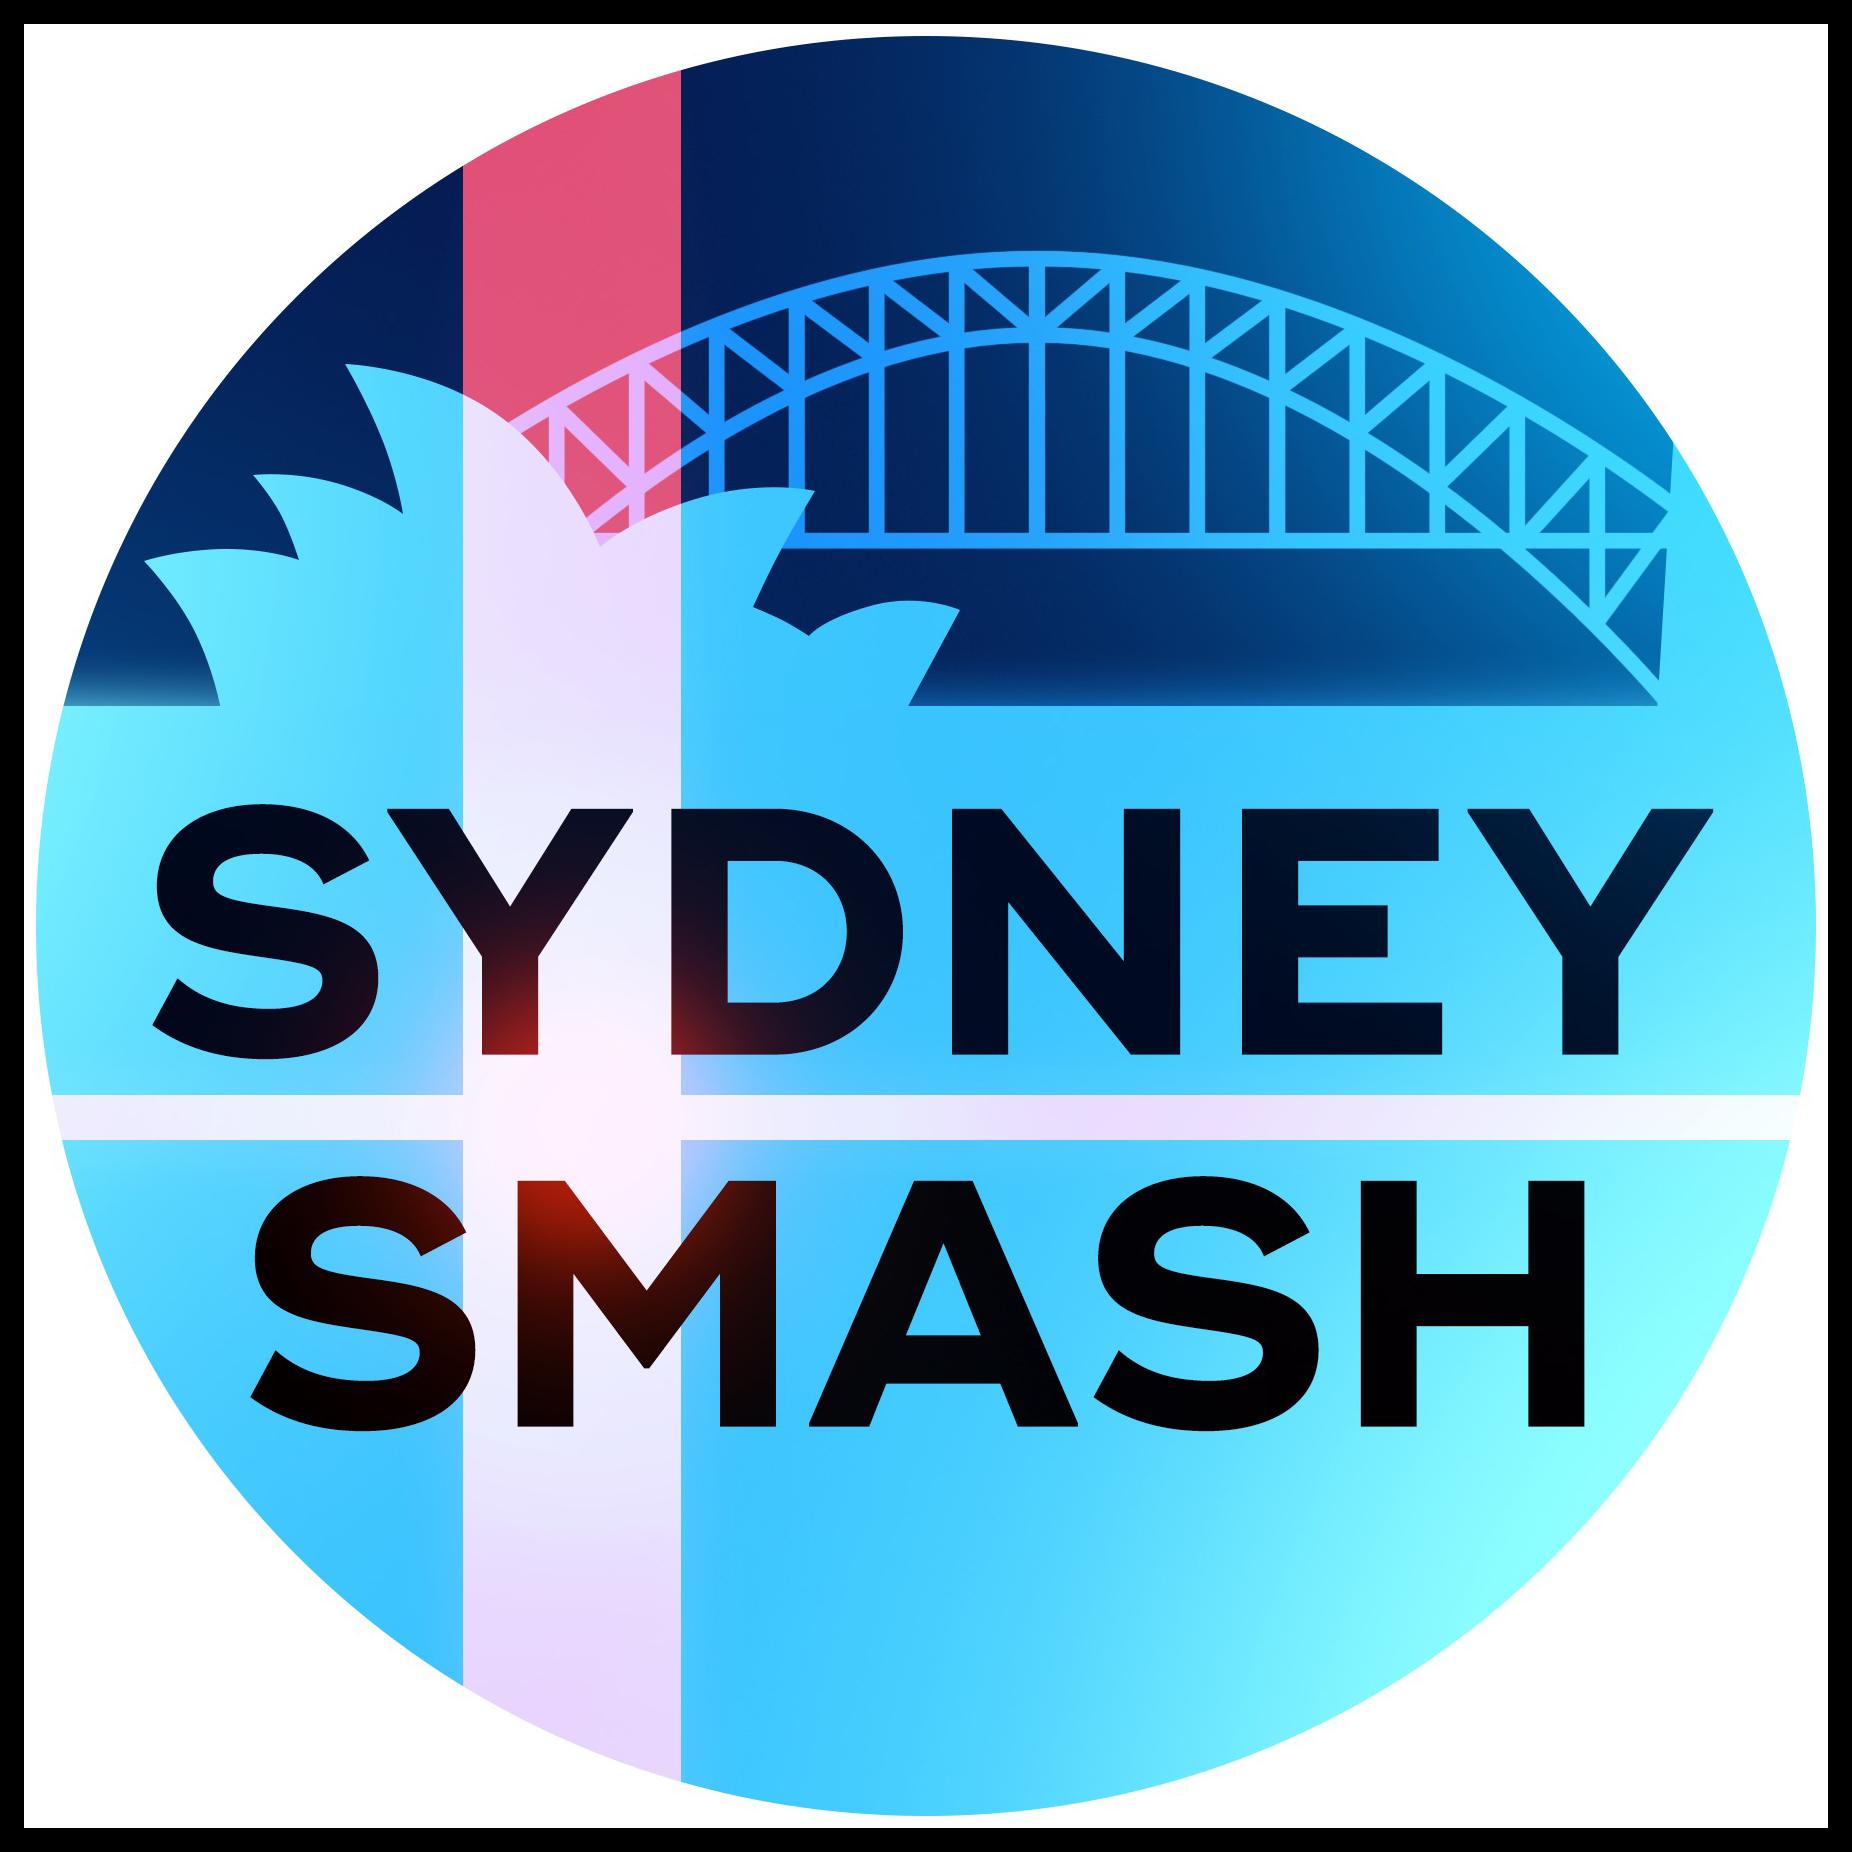 Sydney Smash